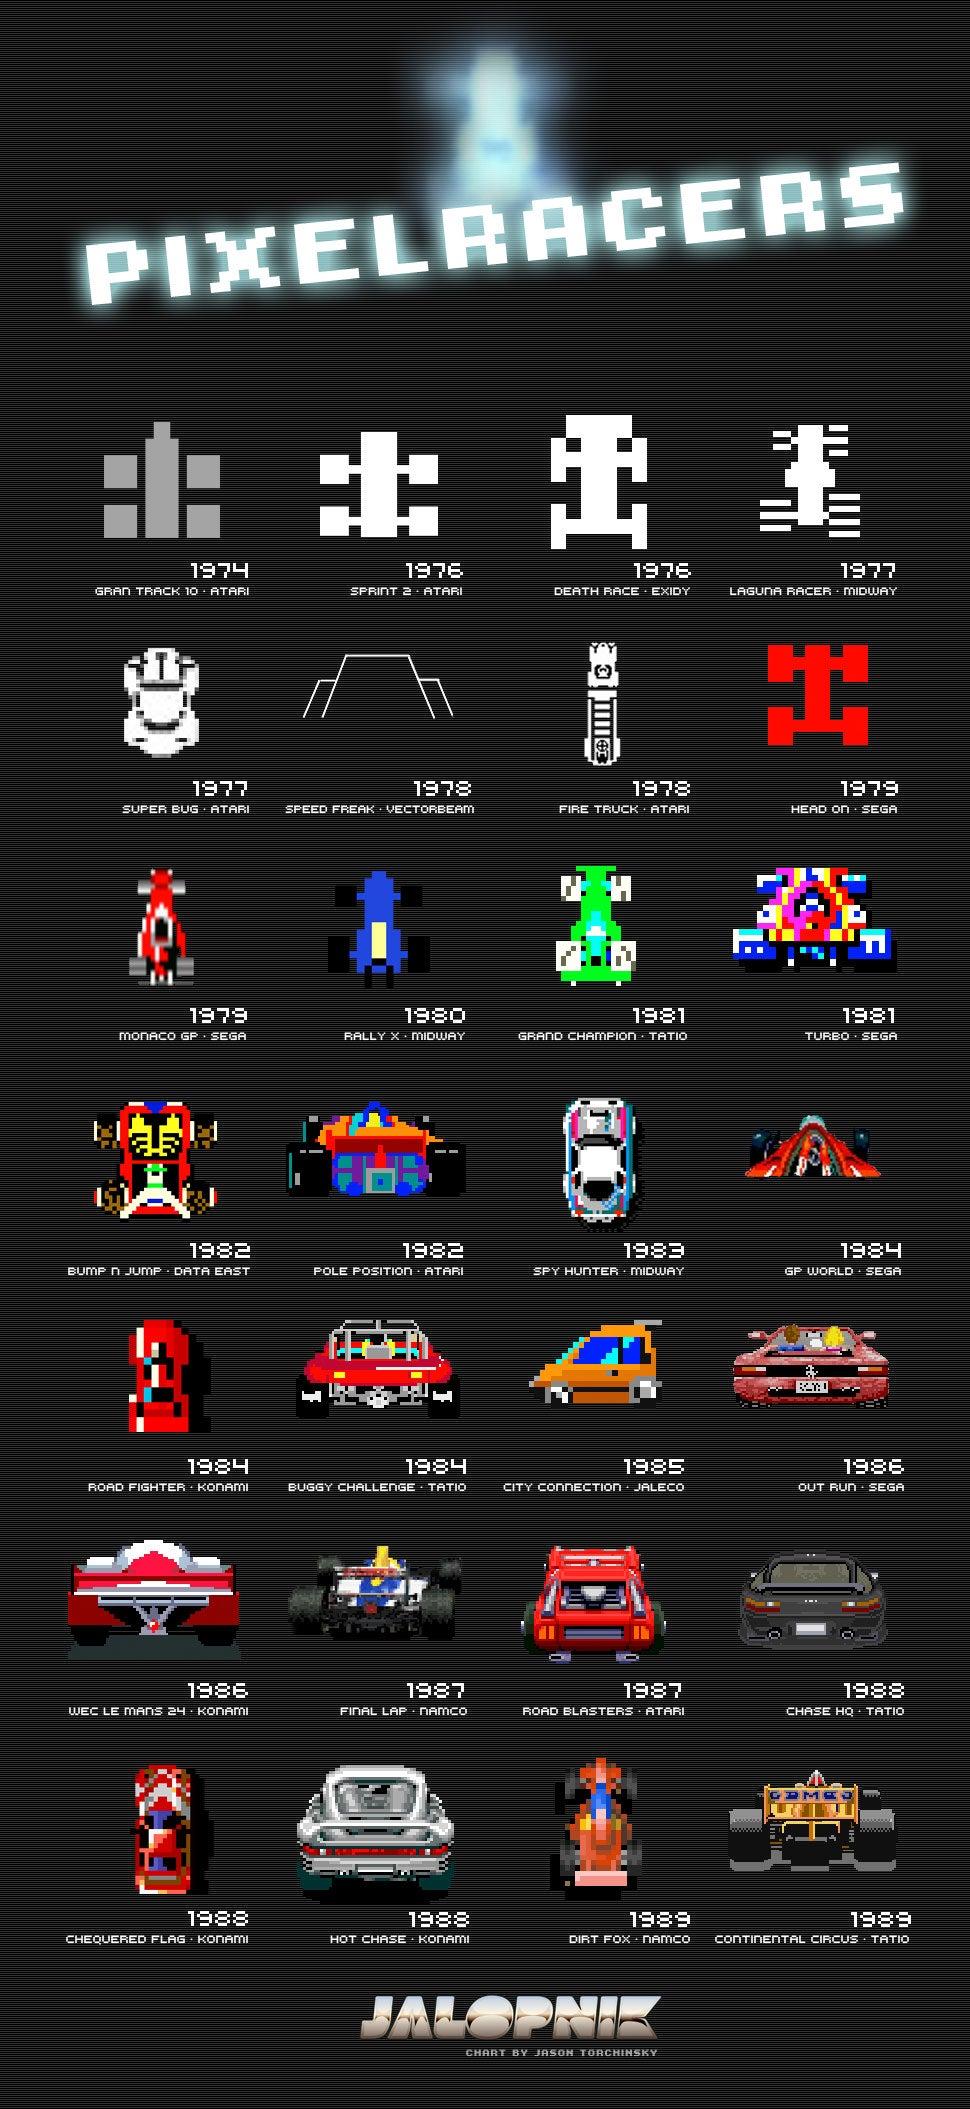 928 on video game poster - Rennlist - Porsche Discussion Forums